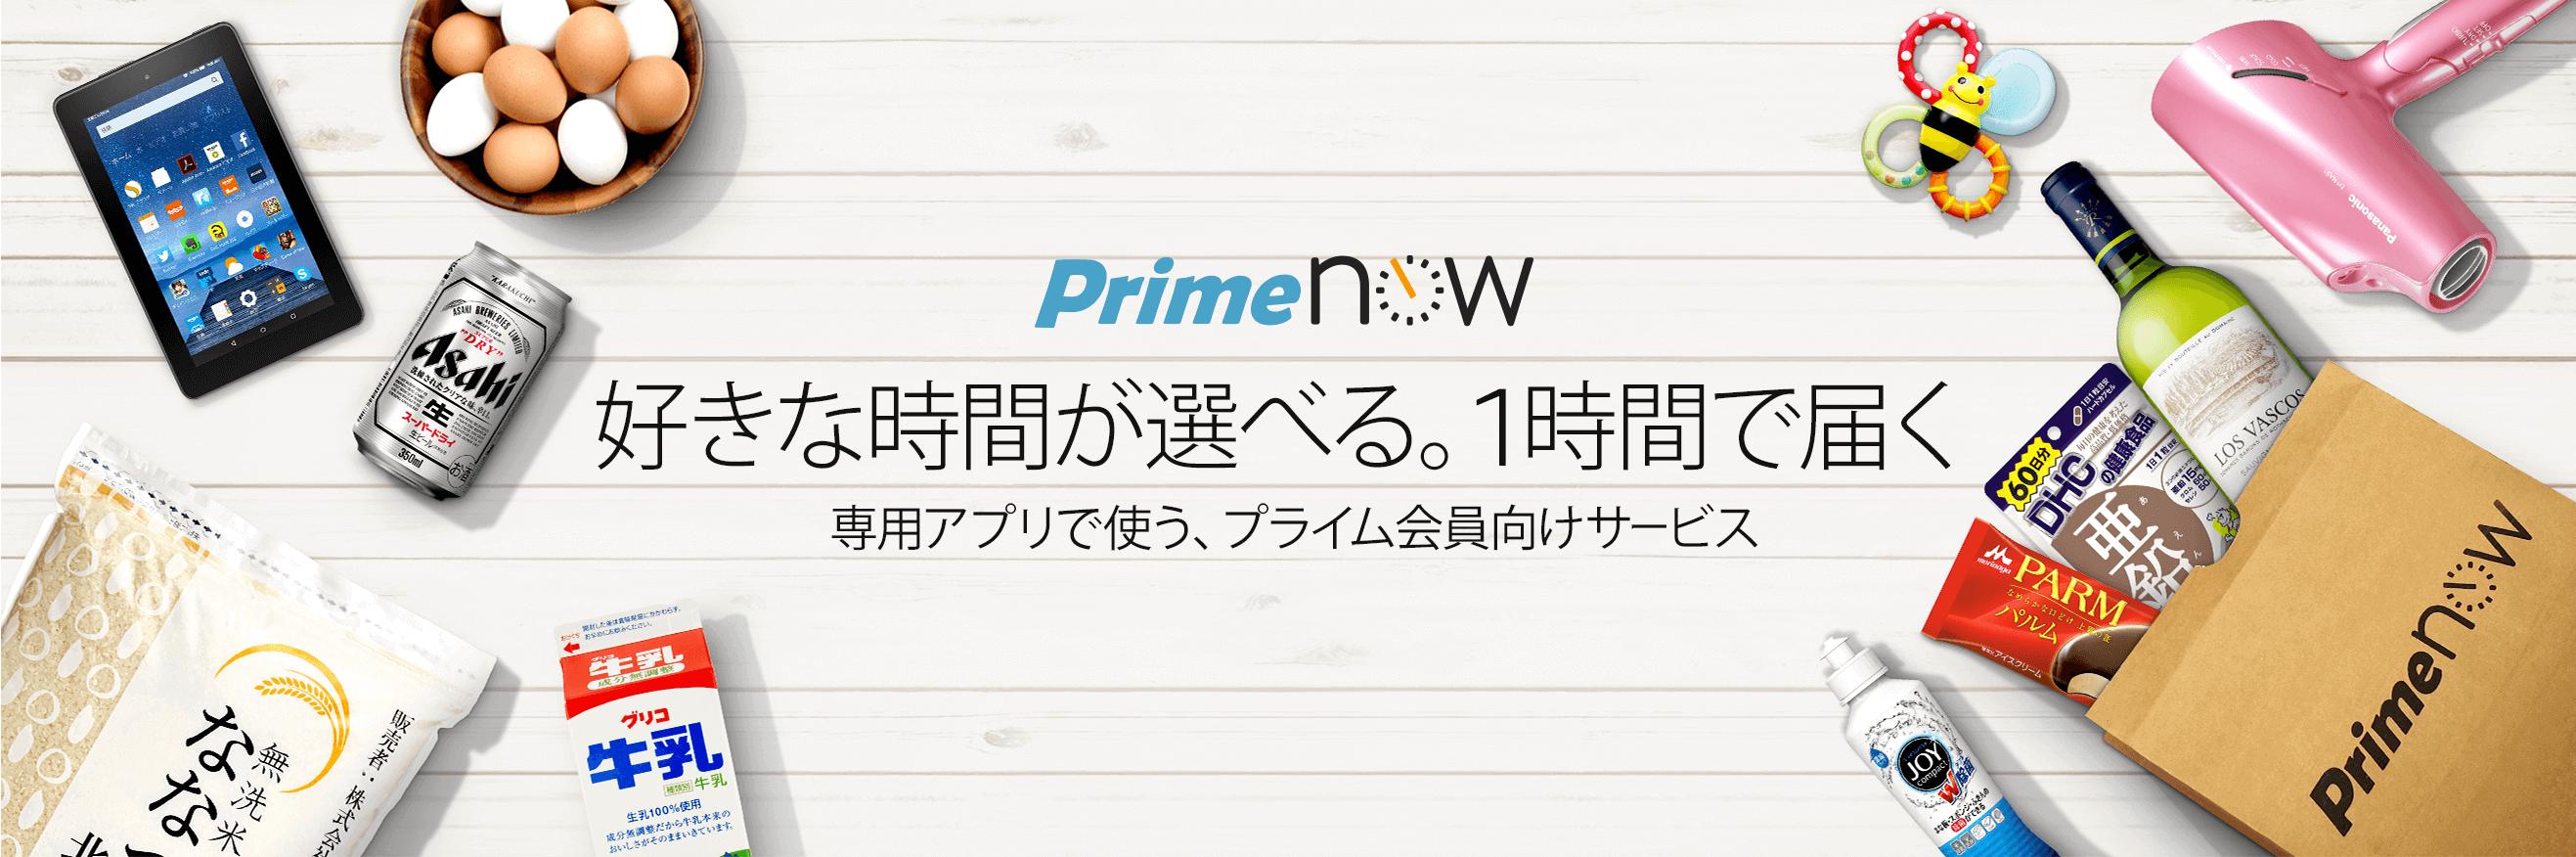 アマゾンプライムナウで5000円以上の初回注文が2000円引きとなるクーポンコードを配信中。